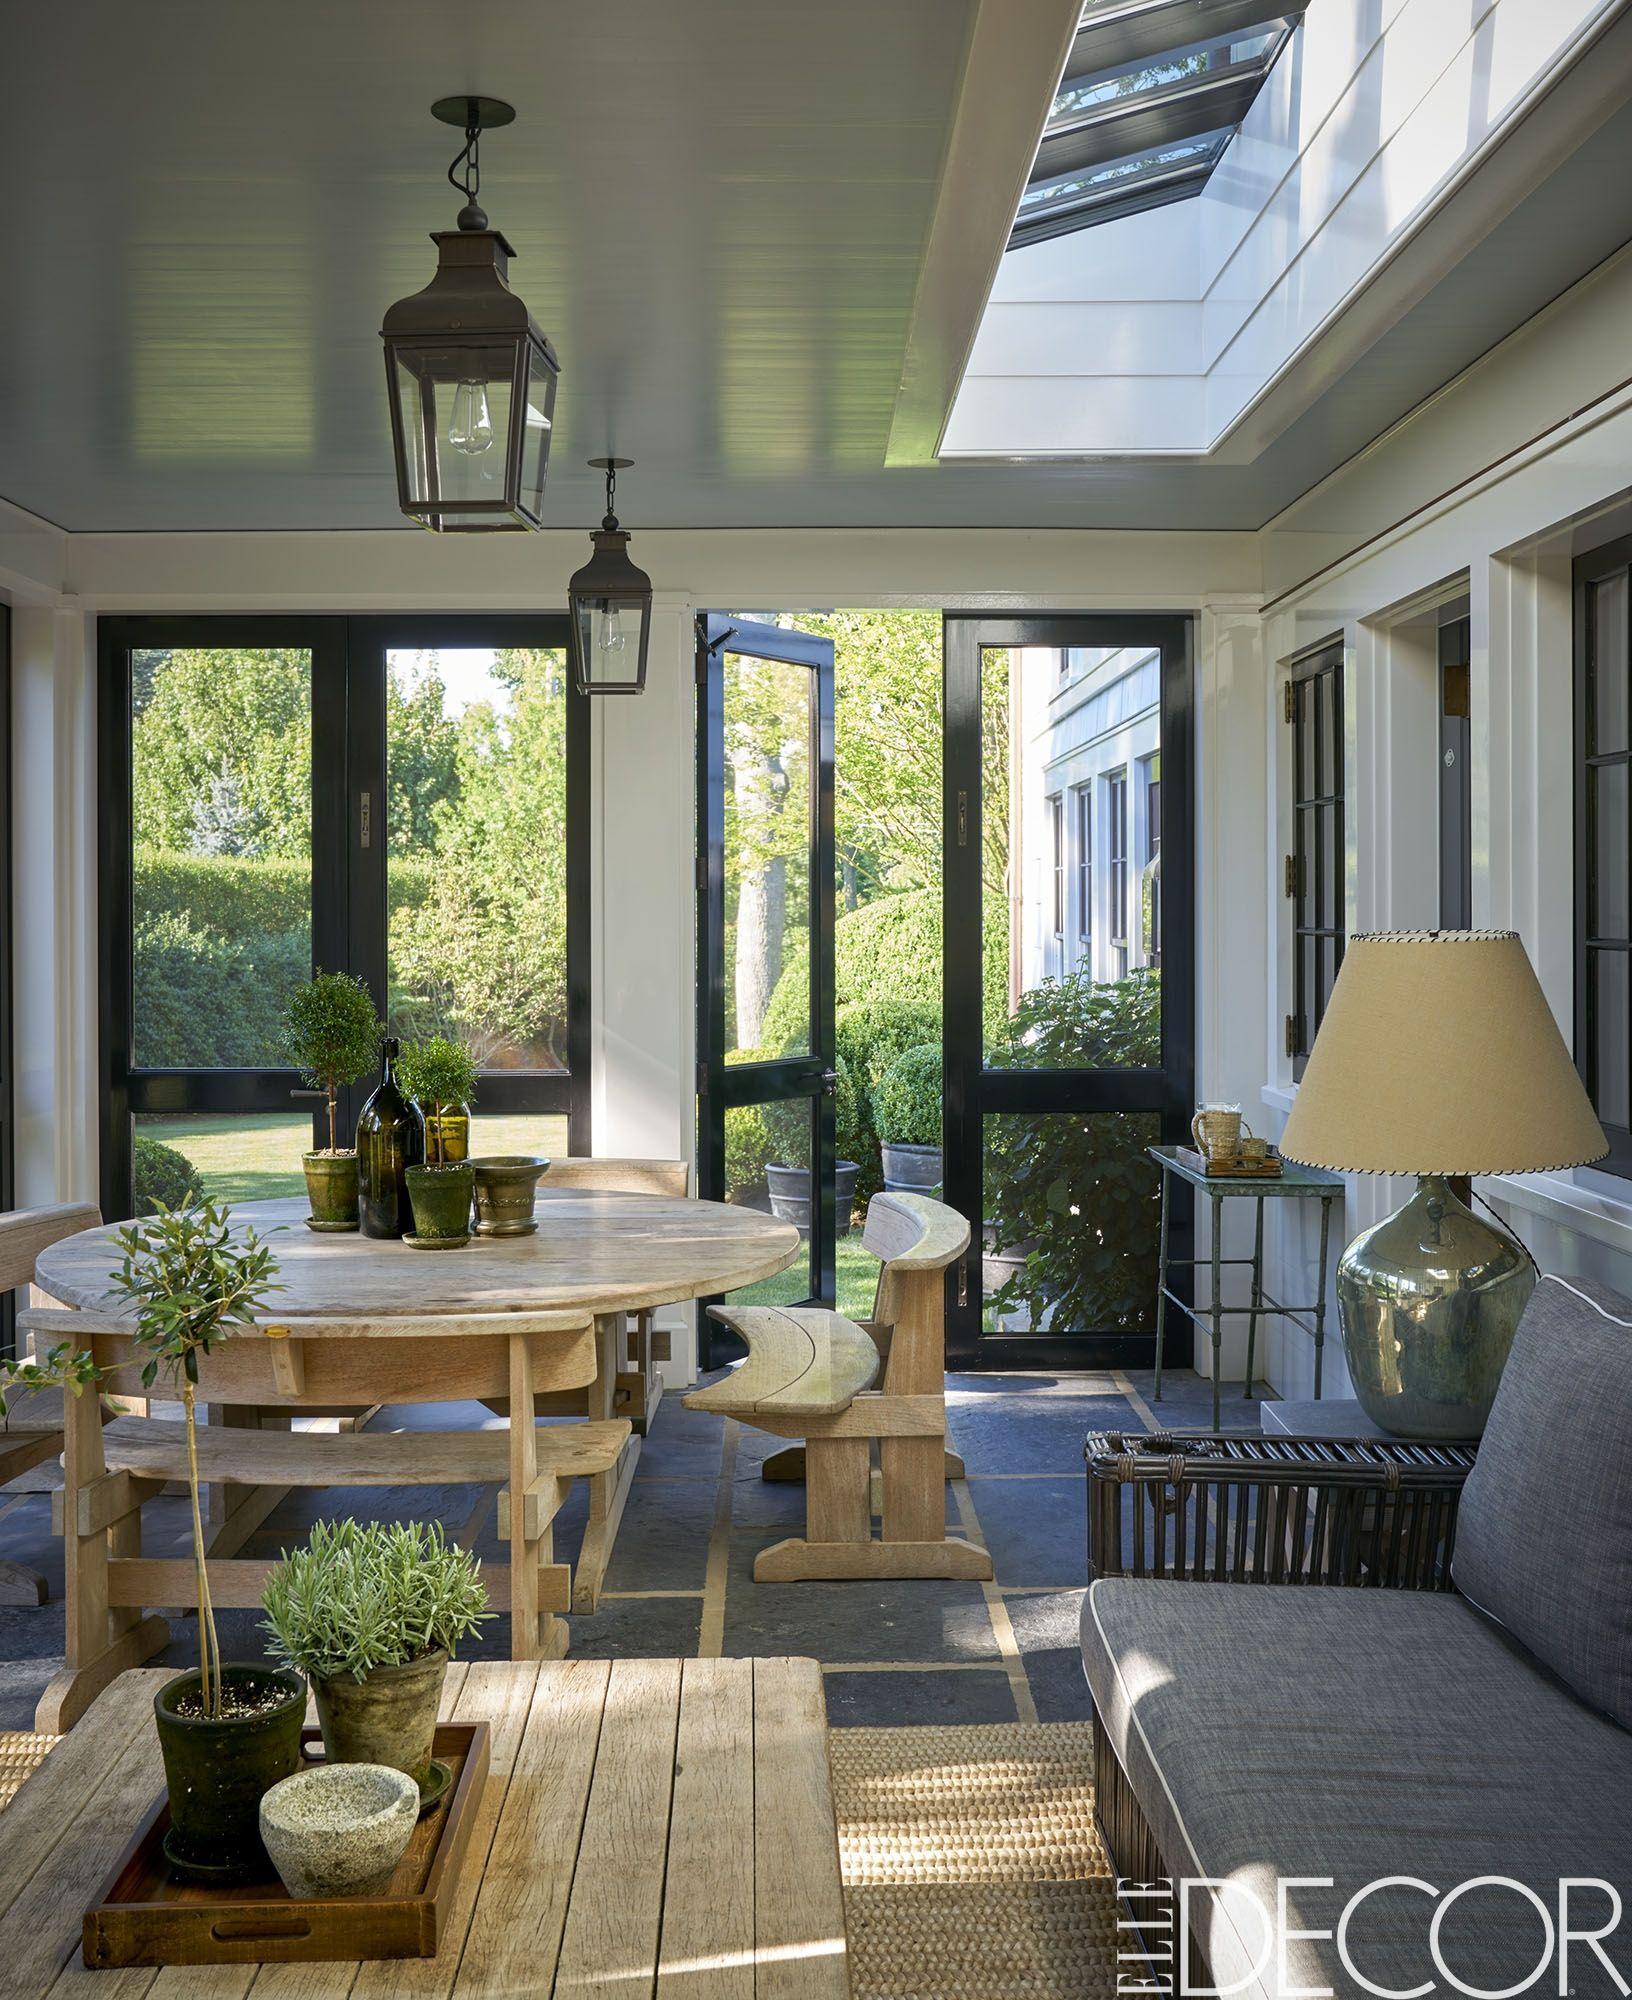 Modern Farmhouse Home Decor Ideas: 20 Modern Farmhouse Decor Ideas